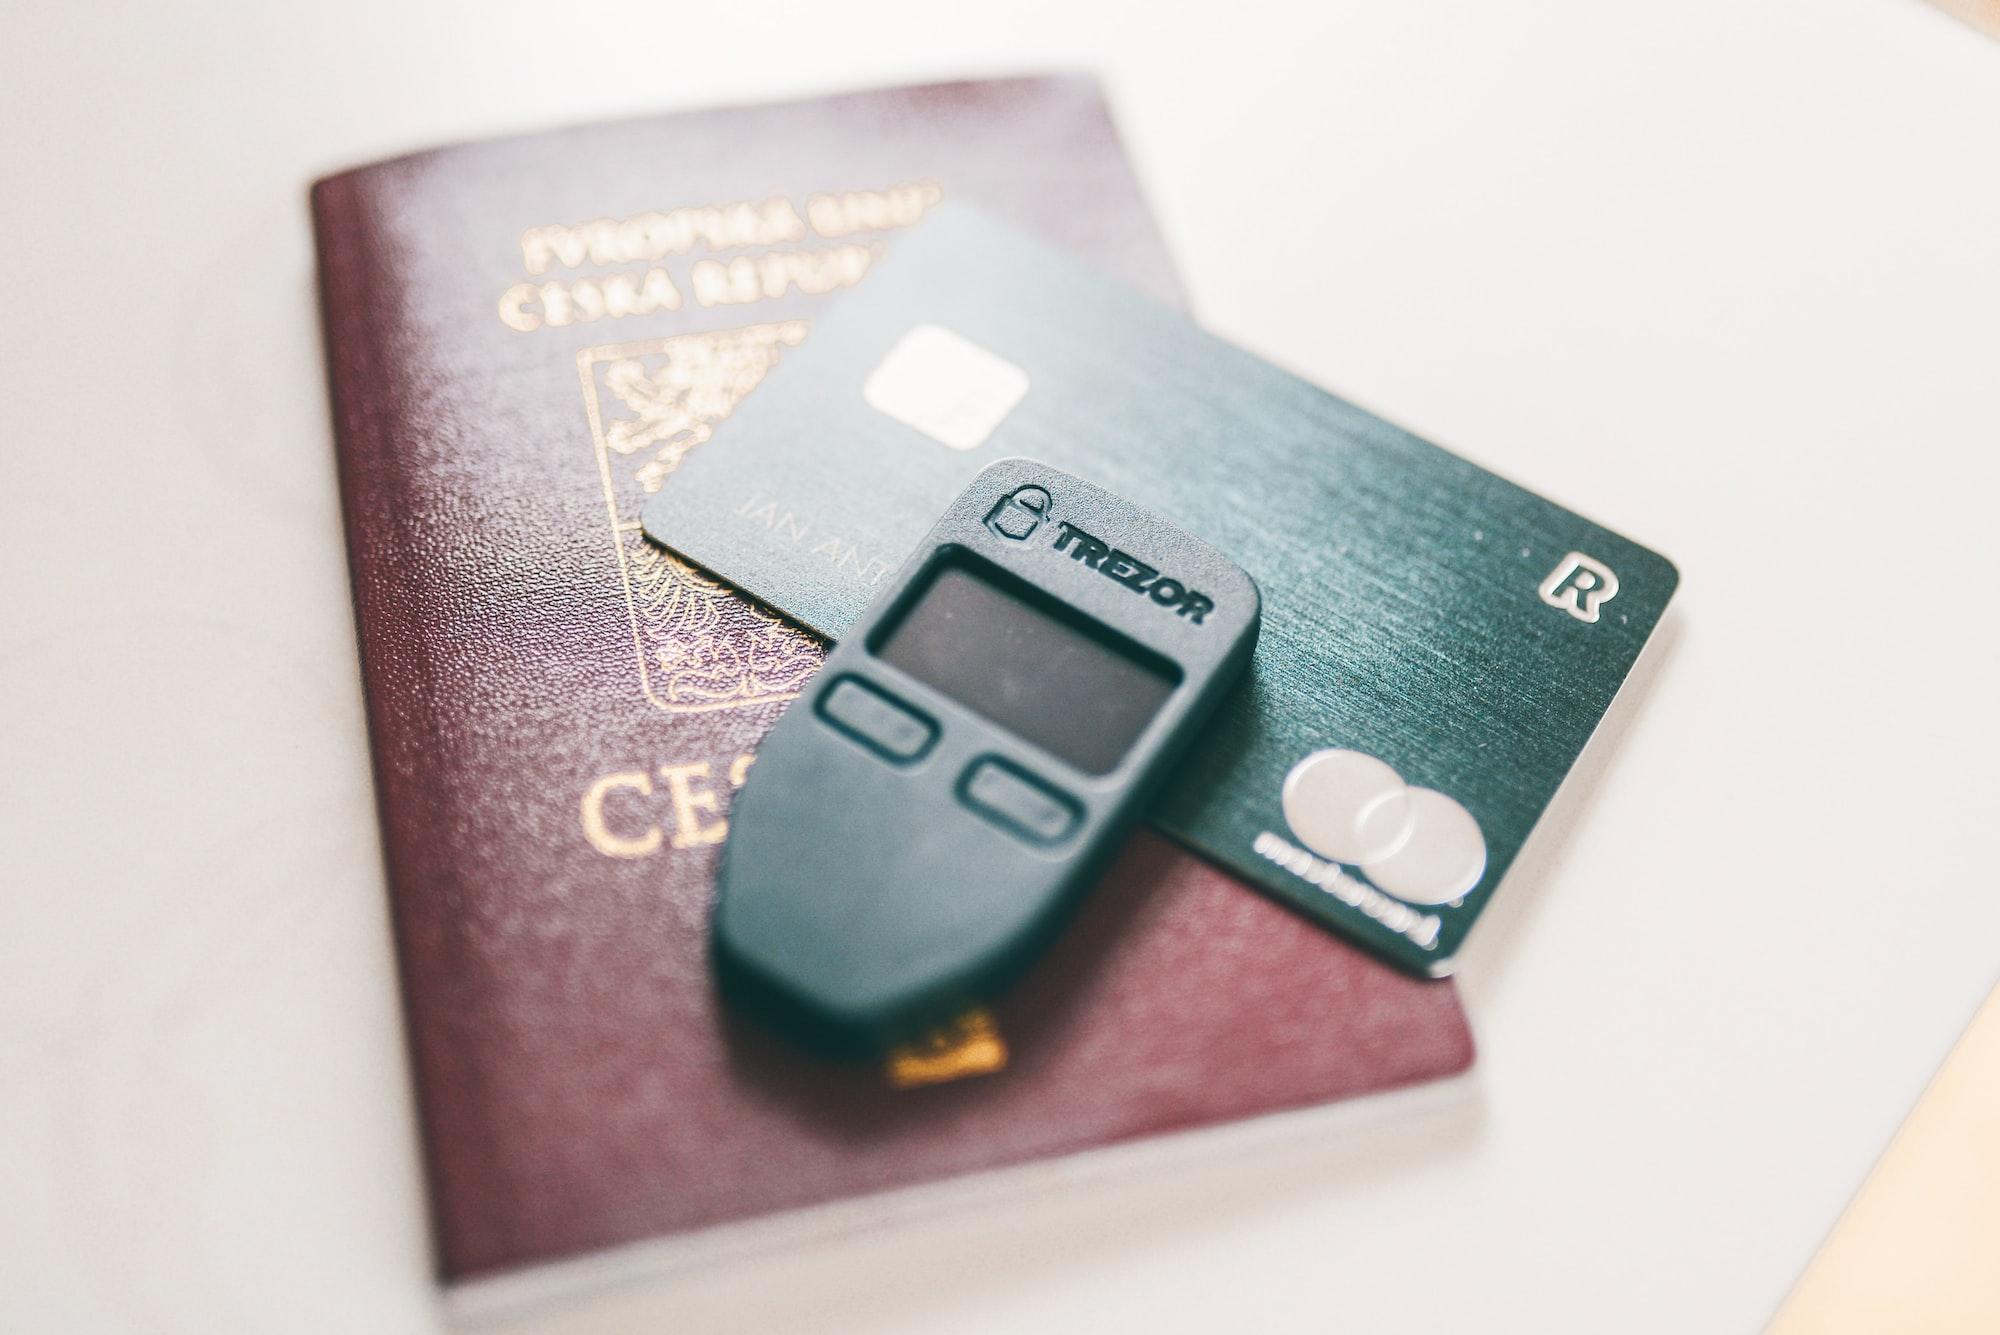 แปลกแต่จริง! คนแฮค Bitcoin Wallet สำเร็จ ยืนยันว่า BTC ปลอดภัยแน่นอน